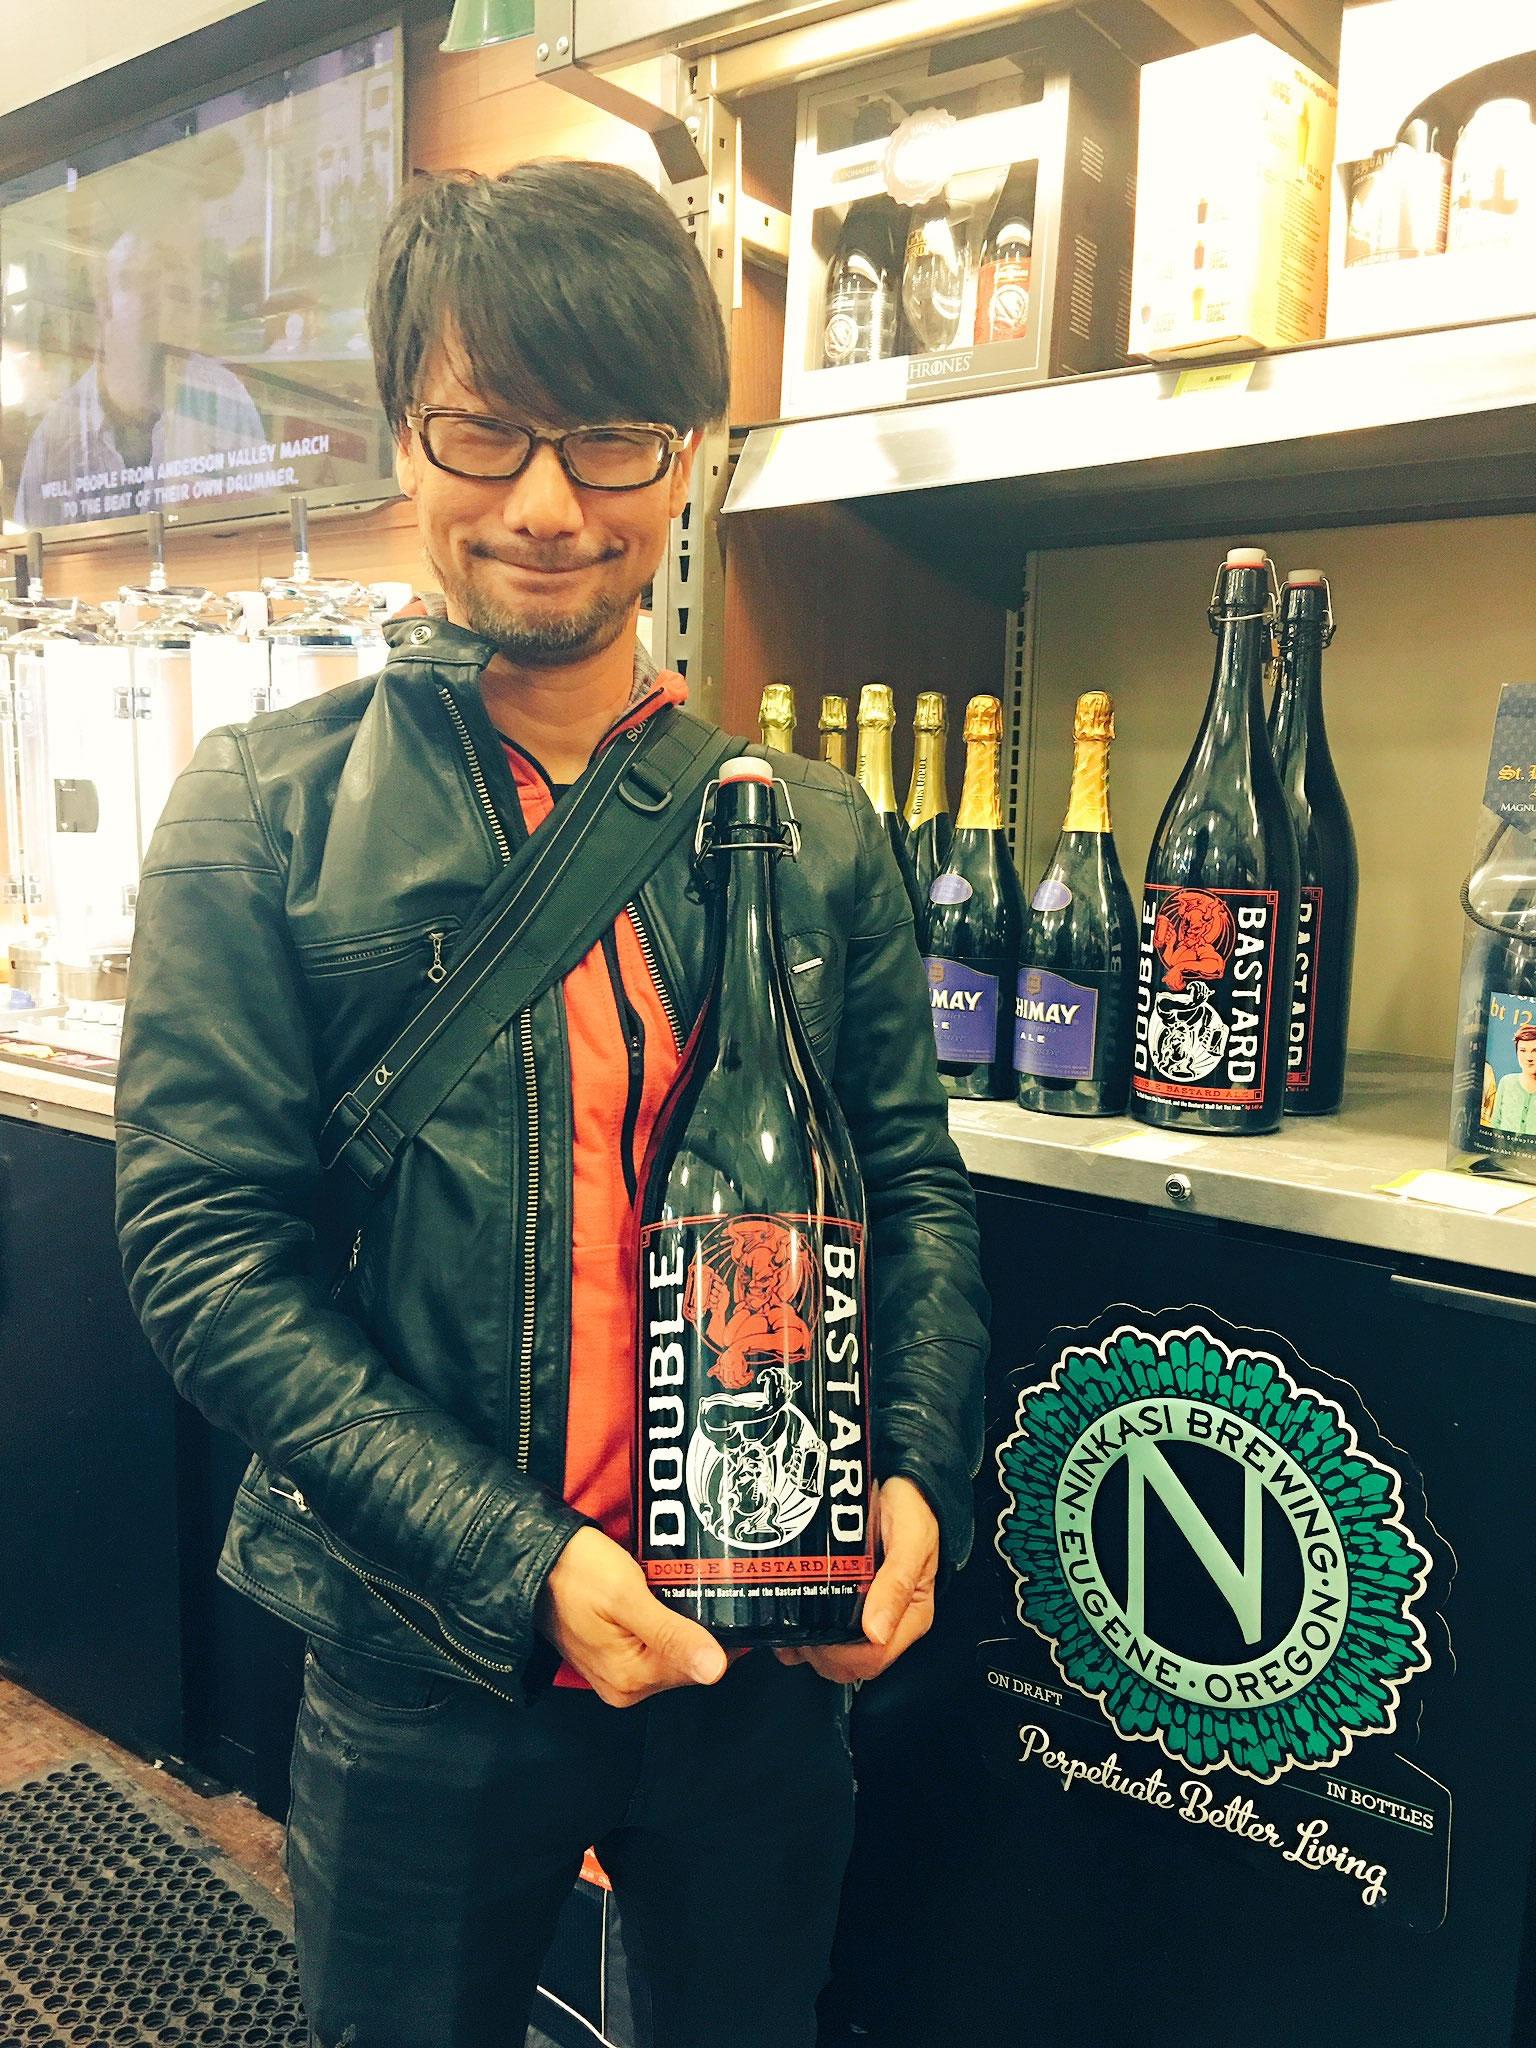 « Bière [achetée] pour le barbecue de ce soir. » – Ayako Terashima, le 18 octobre 2016